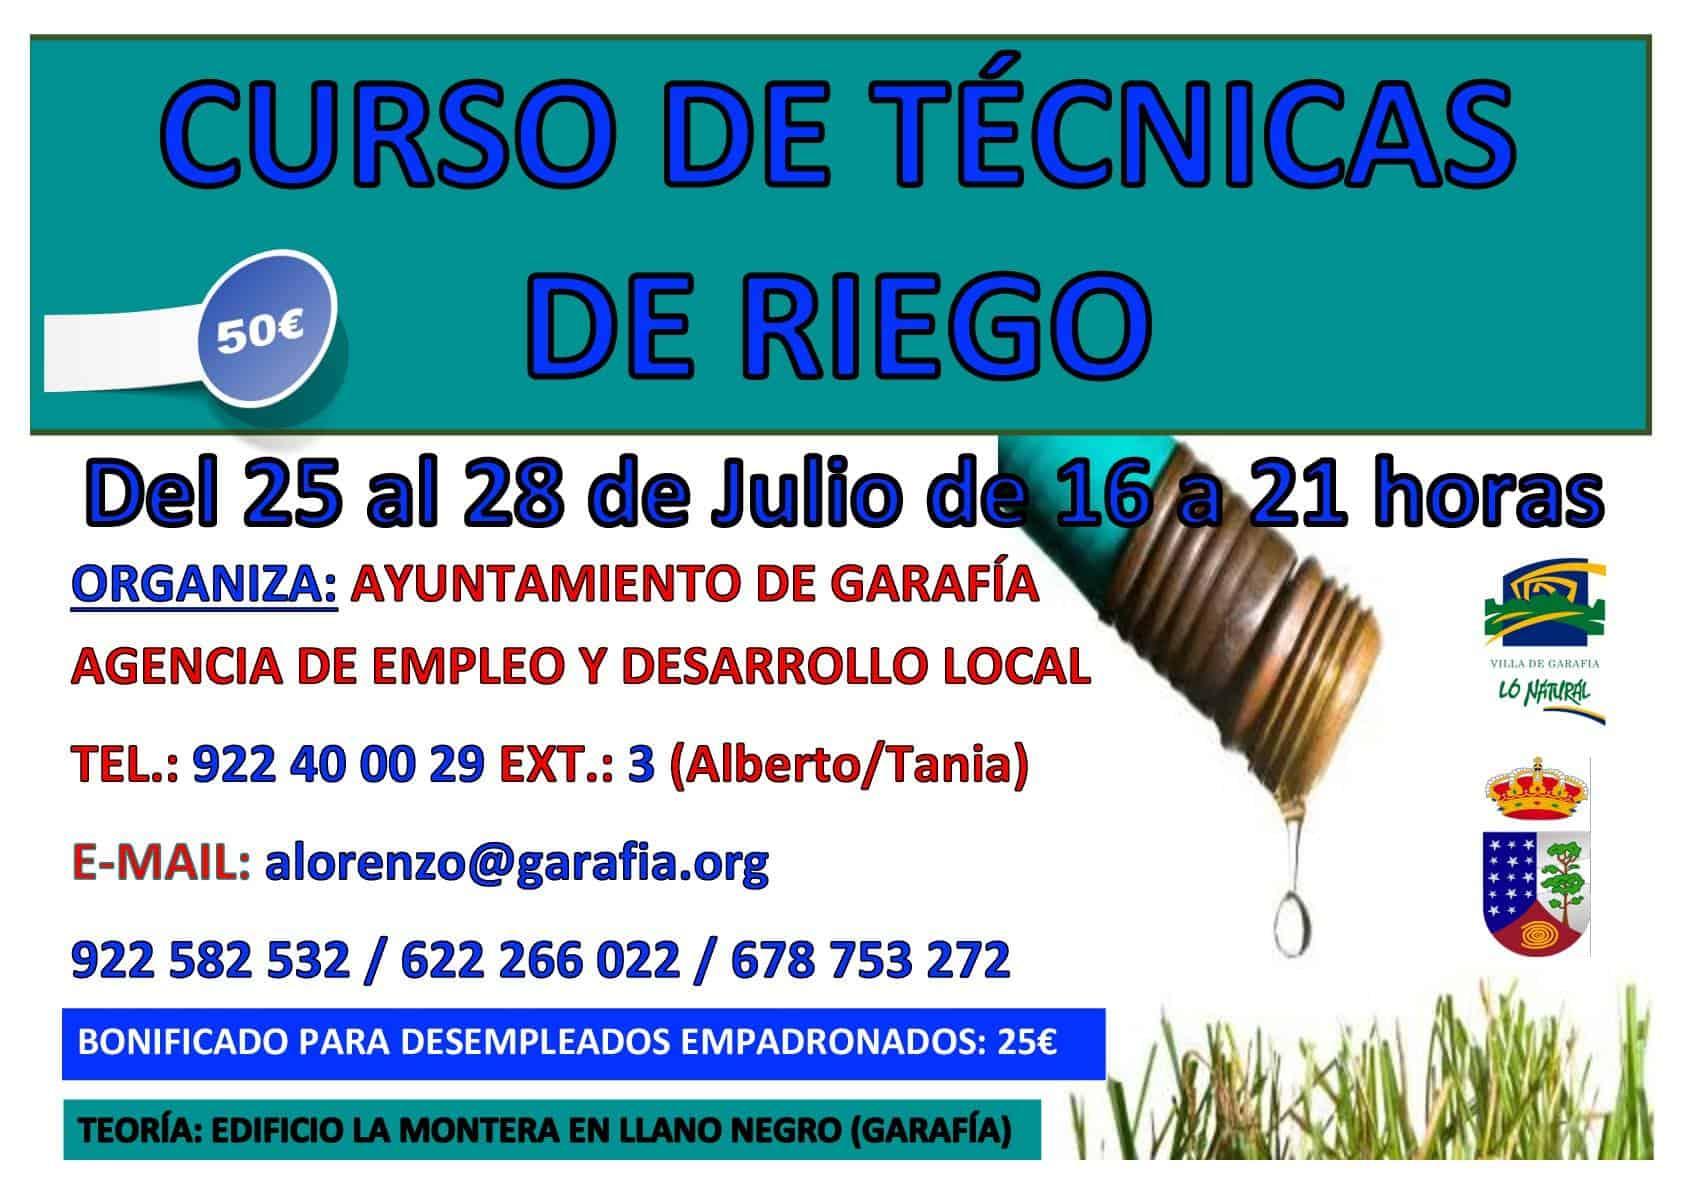 Curso de Técnicas de Riego | Del 25 al 28 de julio